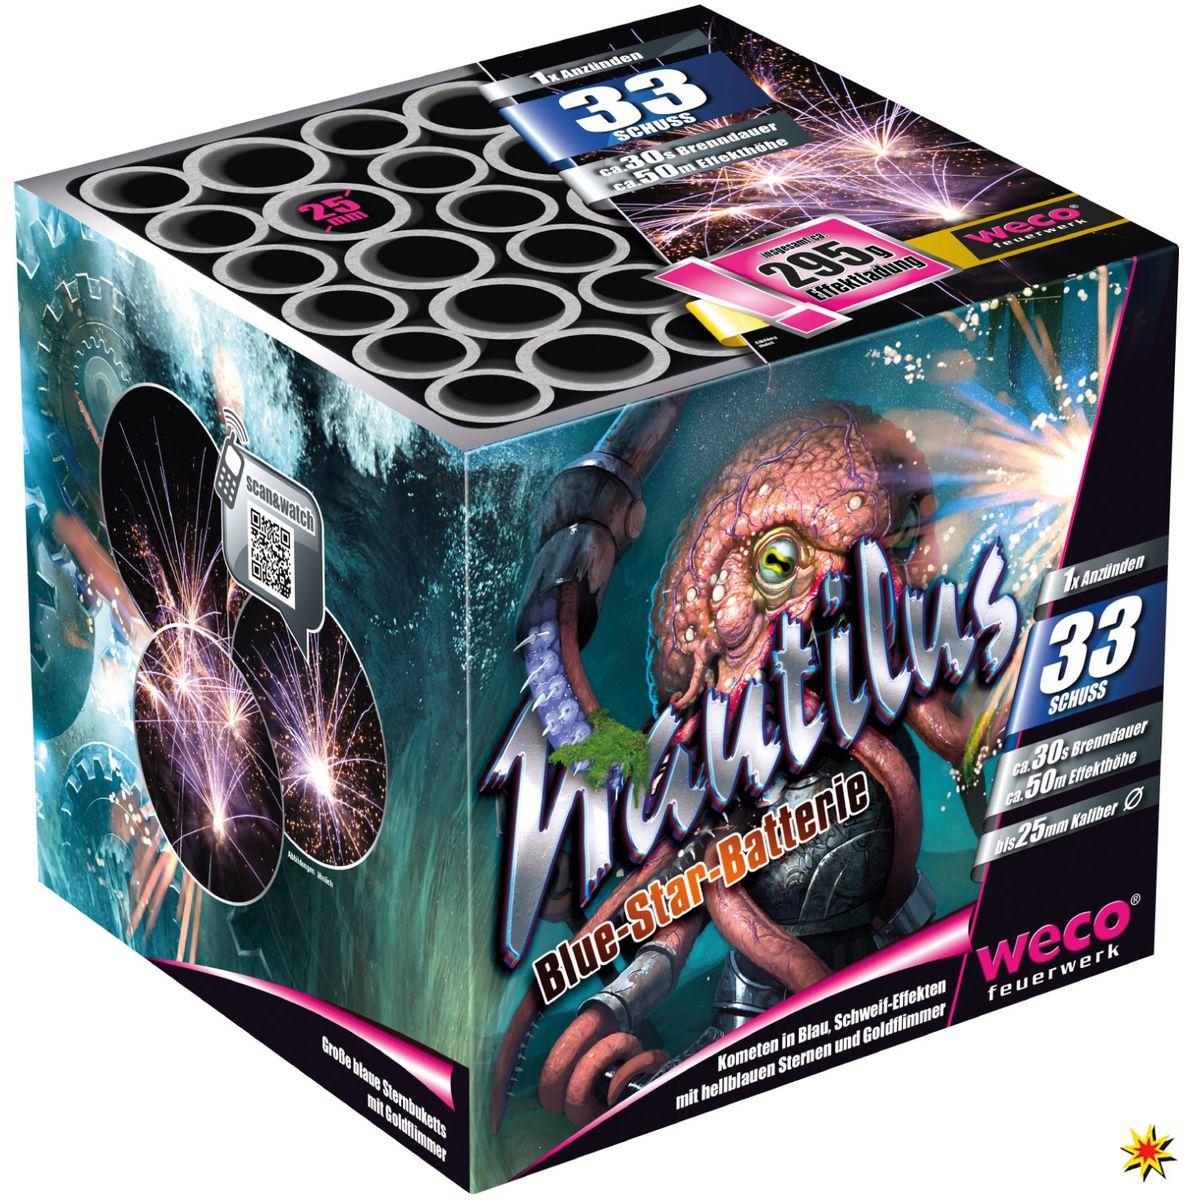 Feuerwerk Batterie Nautilus 33 Schuss Für Silvester und andere Anlässe